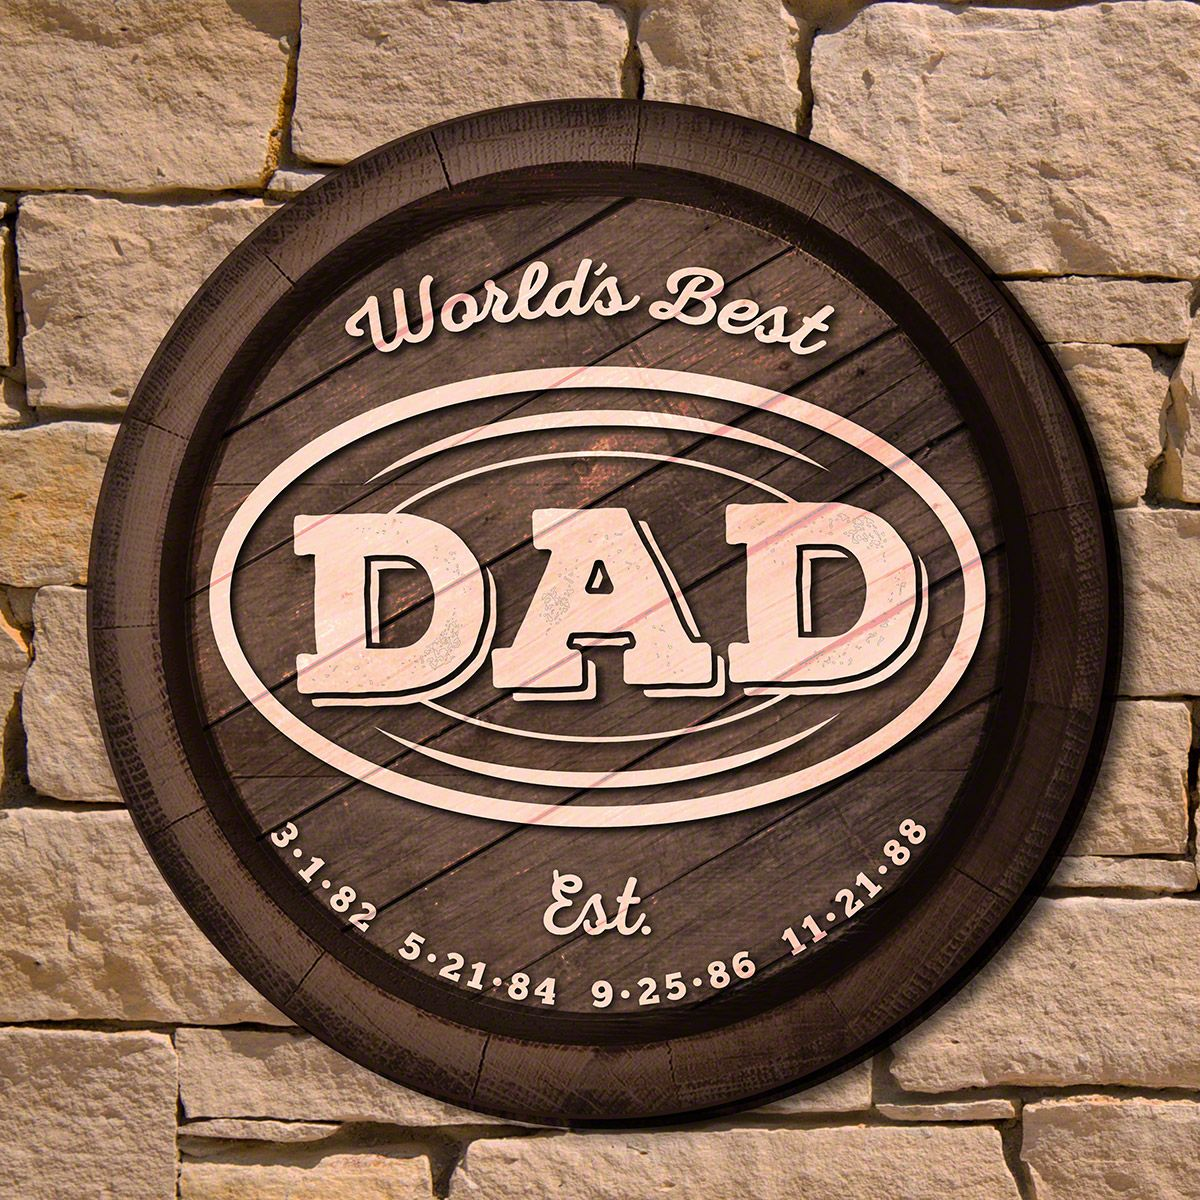 Worlds Best Dad Round Wooden Sign